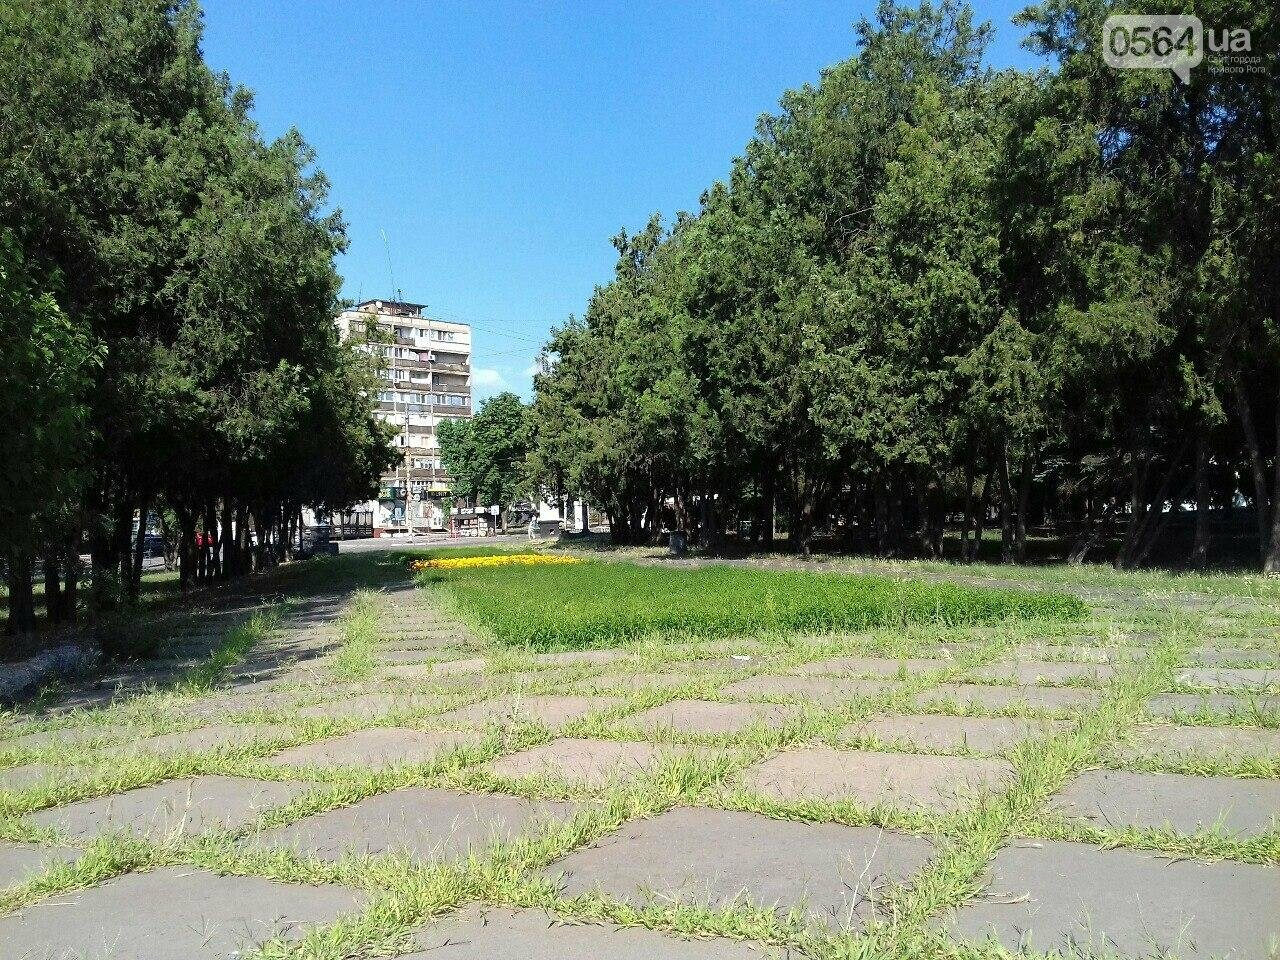 В сквере на центральной площади Кривого Рога воцарилась разруха, - ФОТО, фото-6